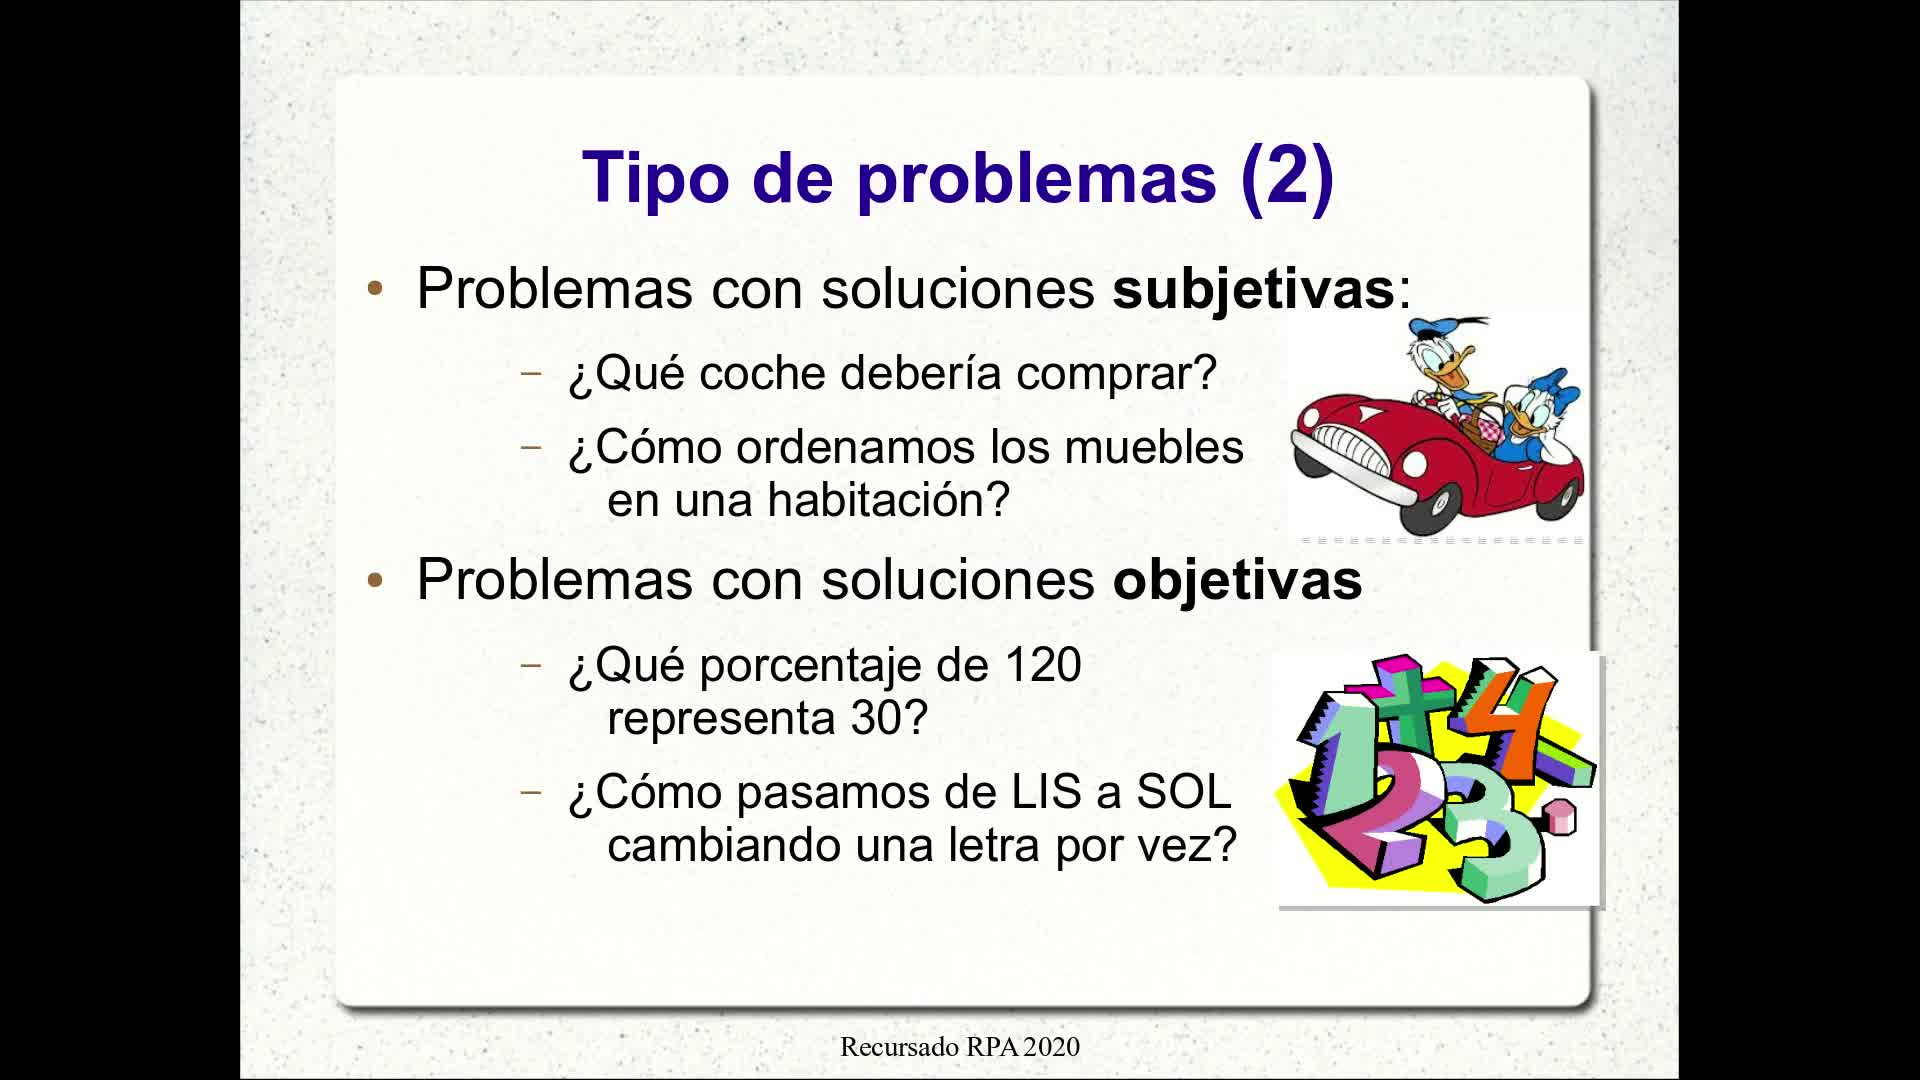 RPA - Video 1.1: Resolución de problemas - Método de Polya